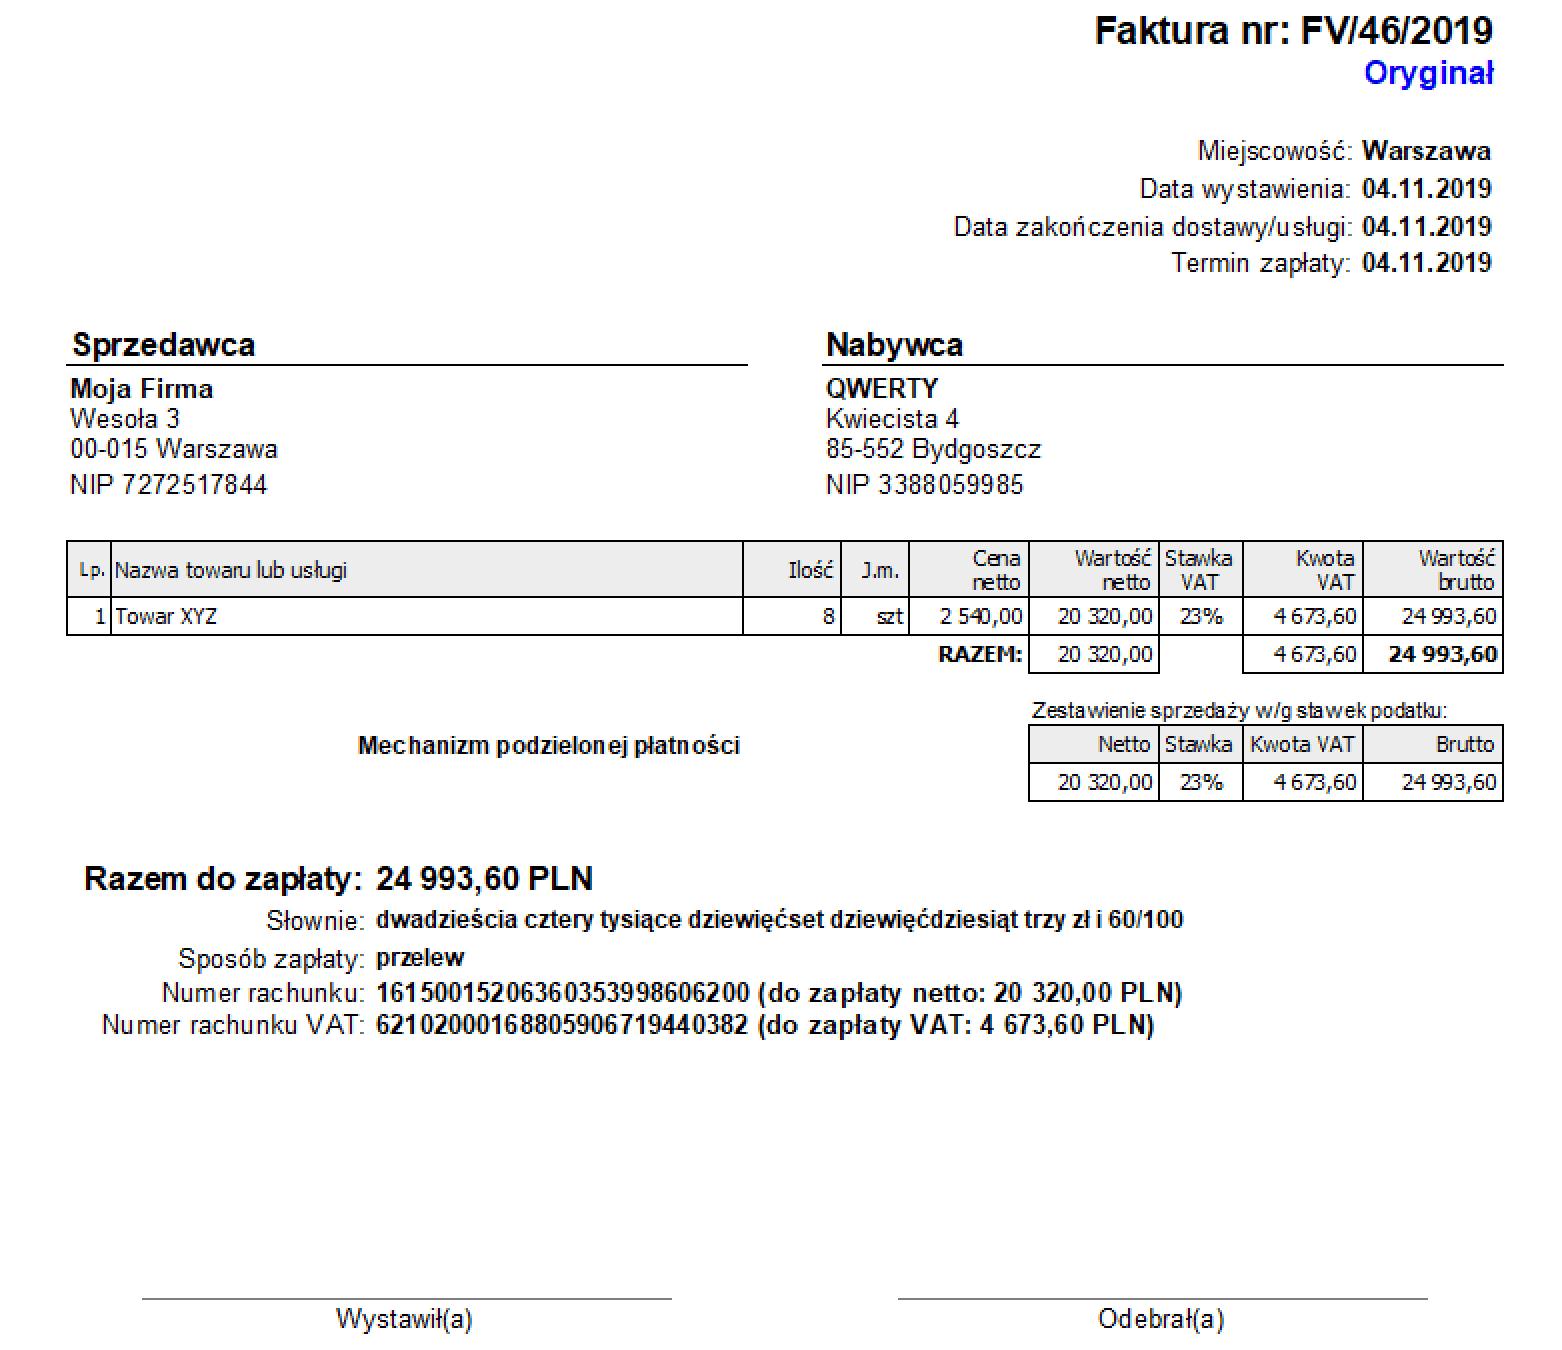 konto VAT na fakturze